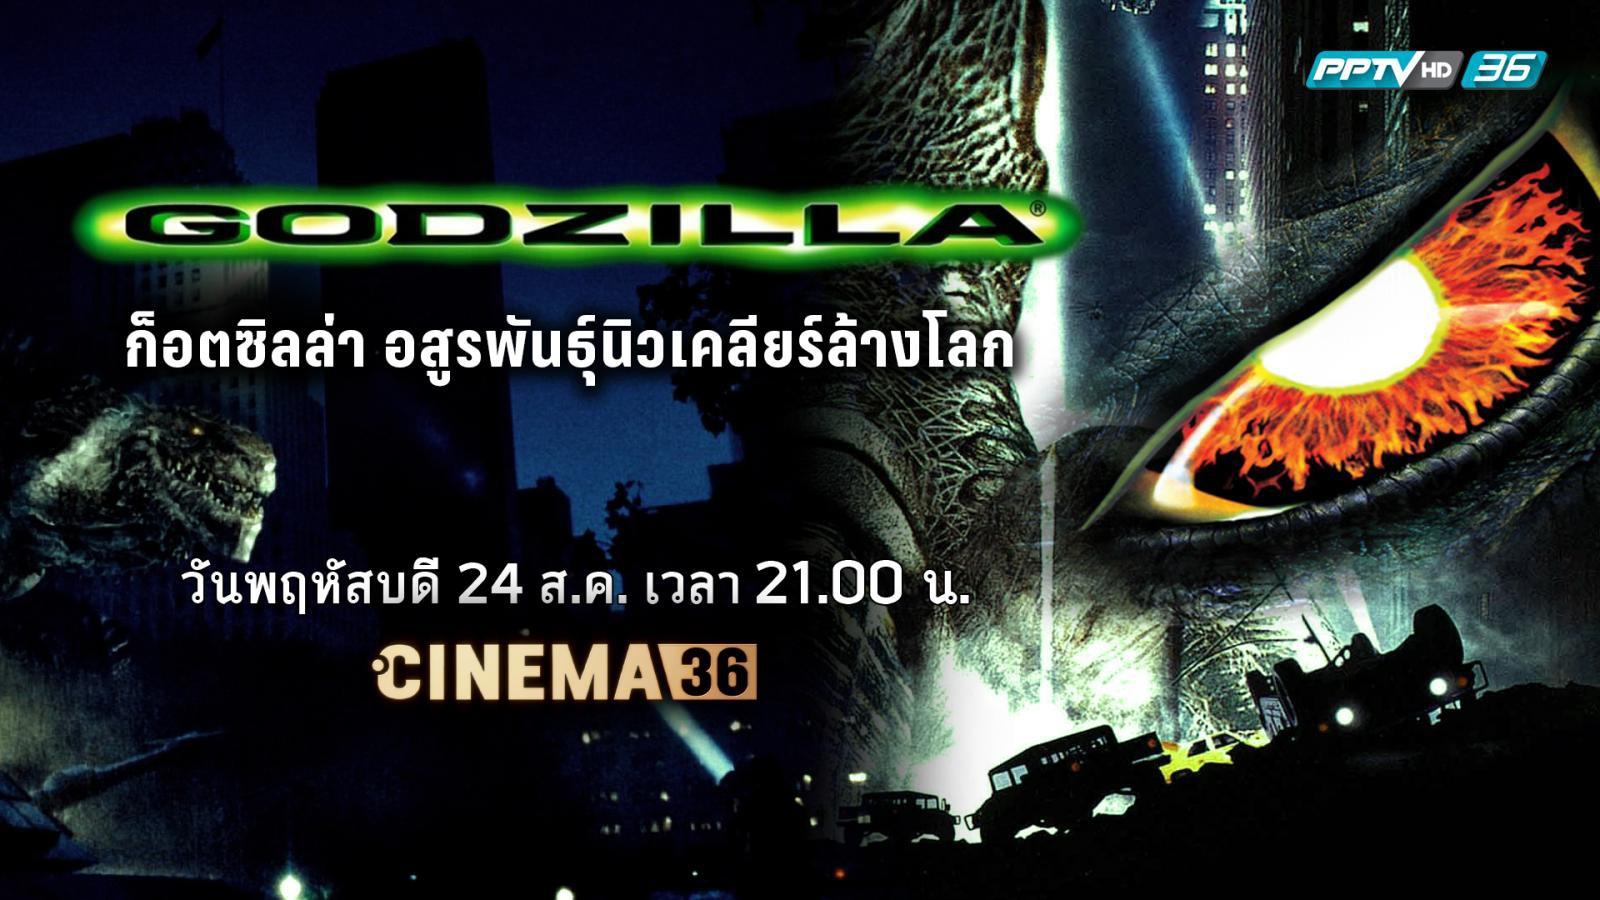 Godzilla ก๊อตซิลล่า